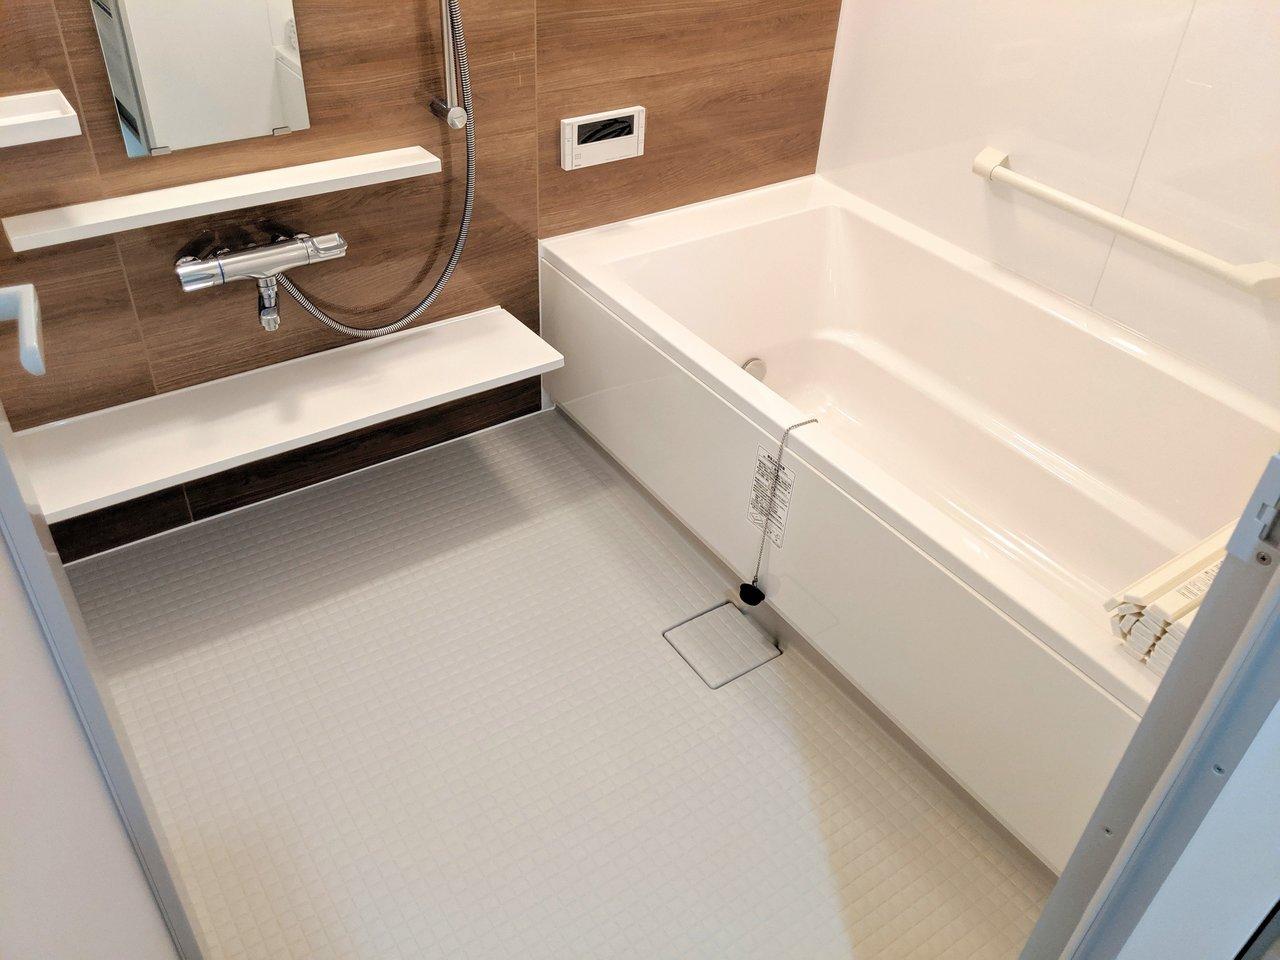 さすが新築。お風呂は浴室乾燥・冷暖房機能付きと抜かりなし。